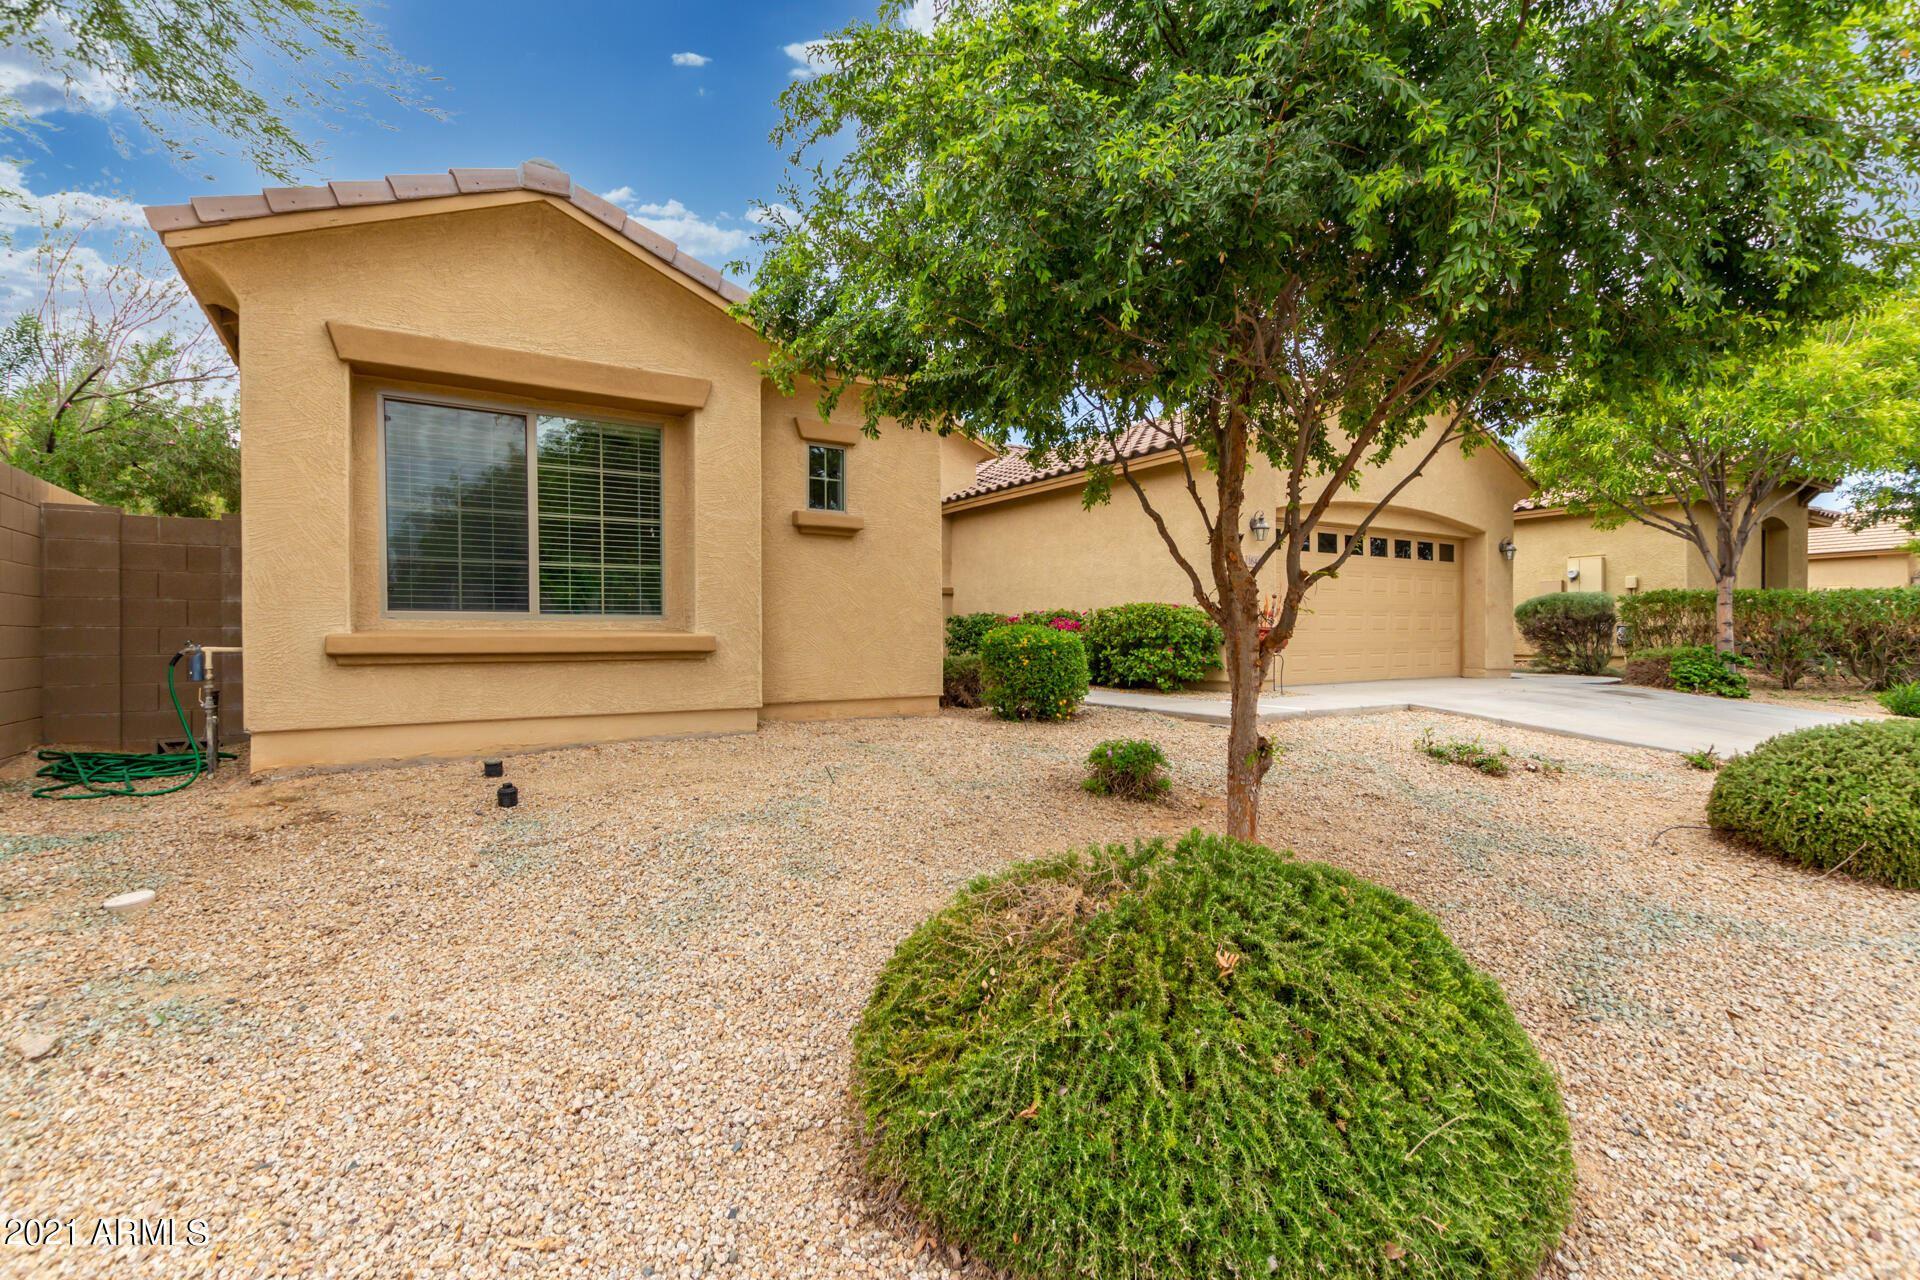 Photo of 16445 W YUCATAN Drive, Surprise, AZ 85388 (MLS # 6272443)